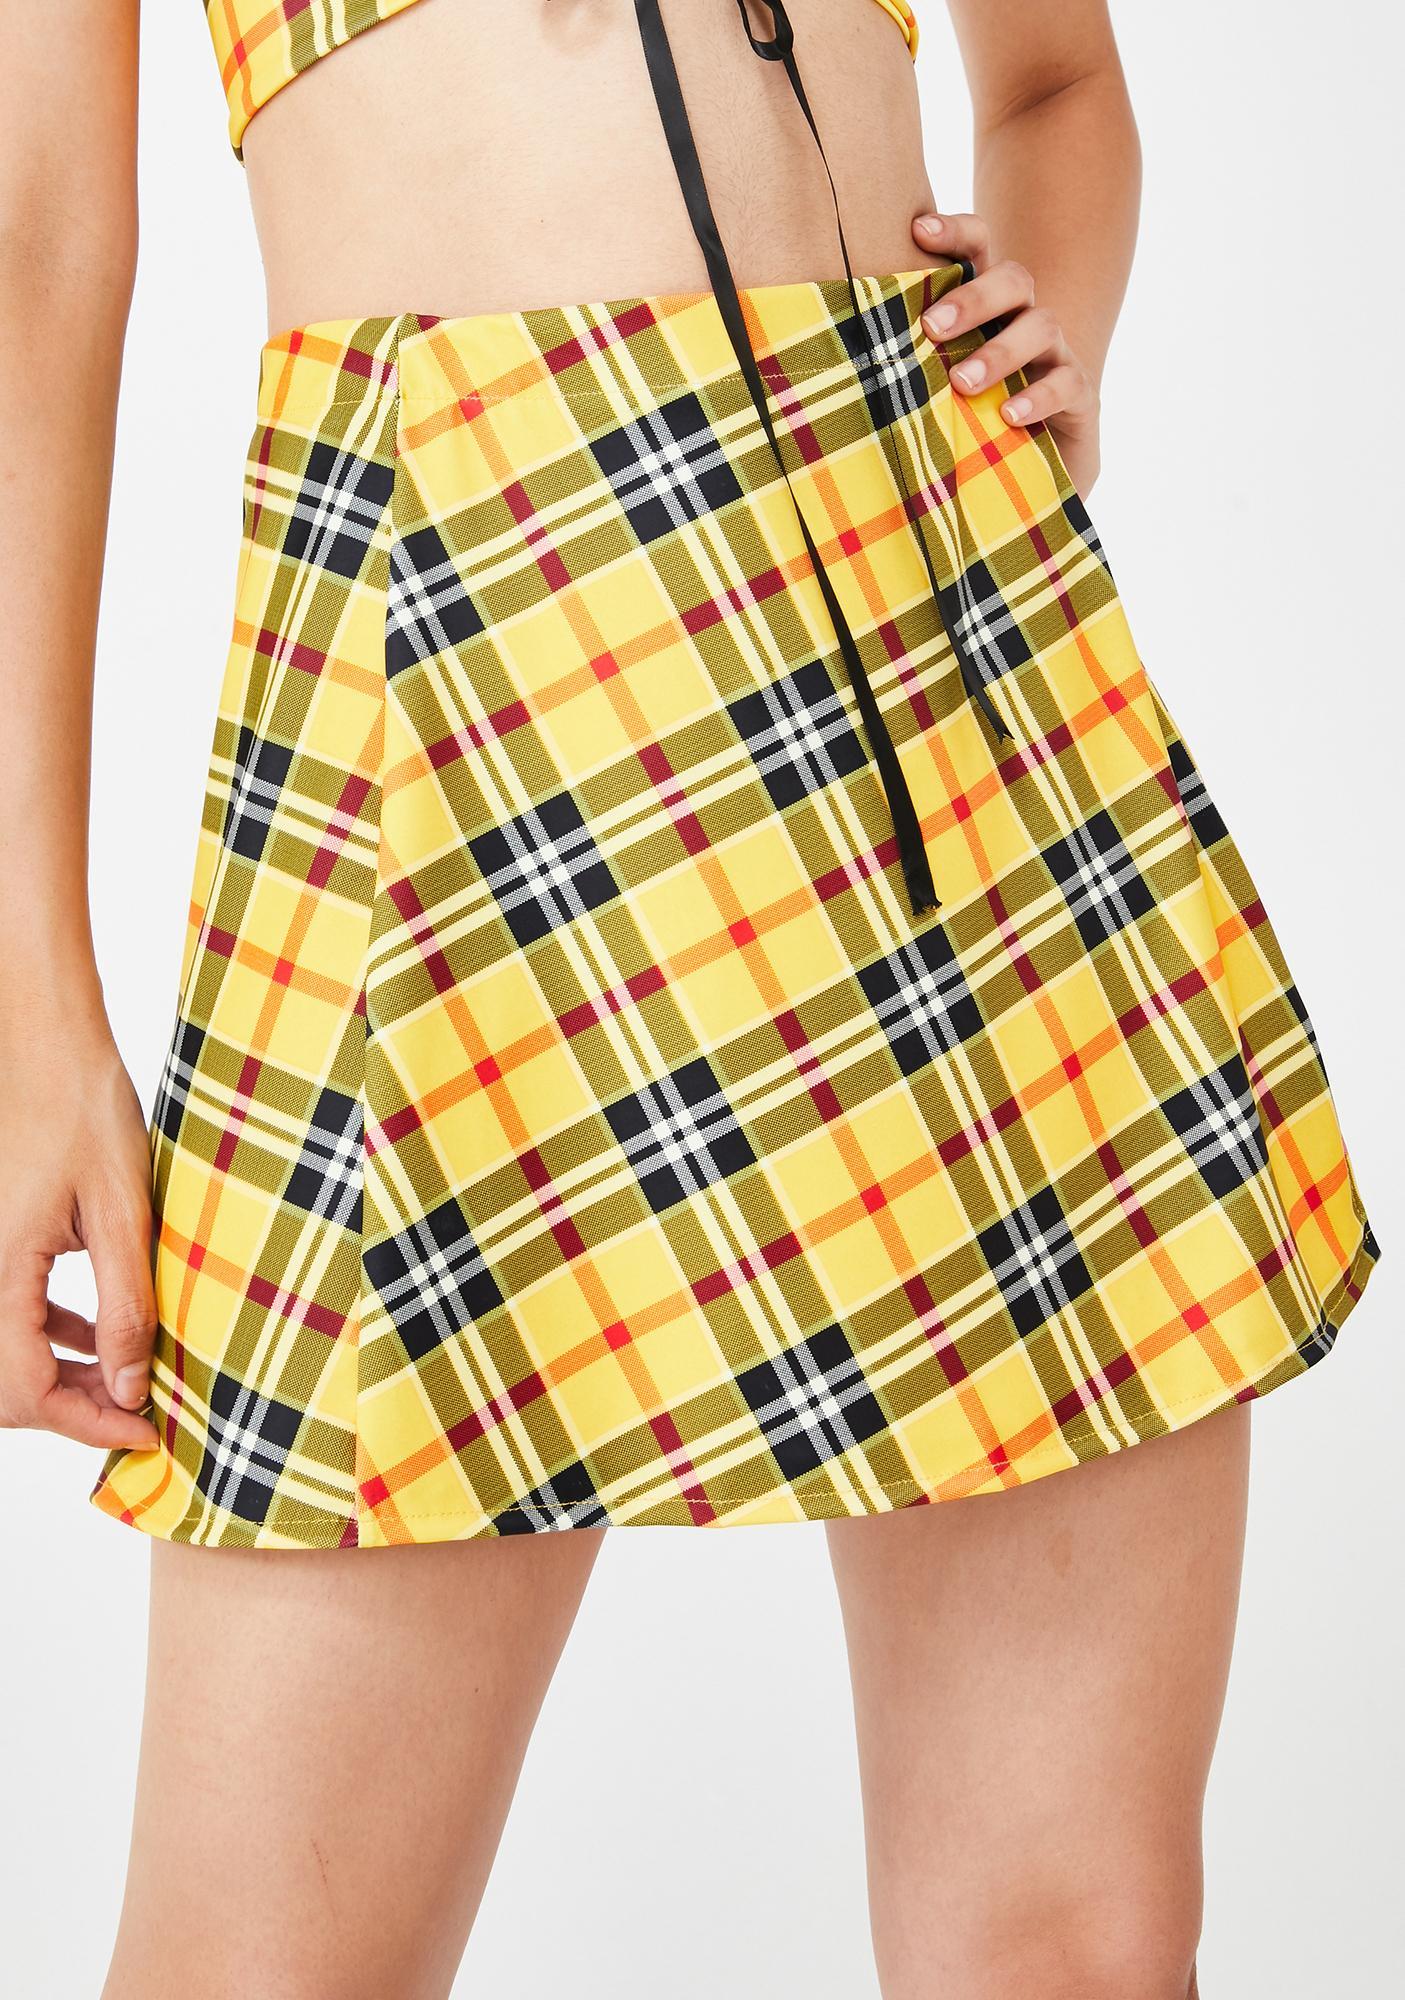 The Volt Cher Mini Skirt